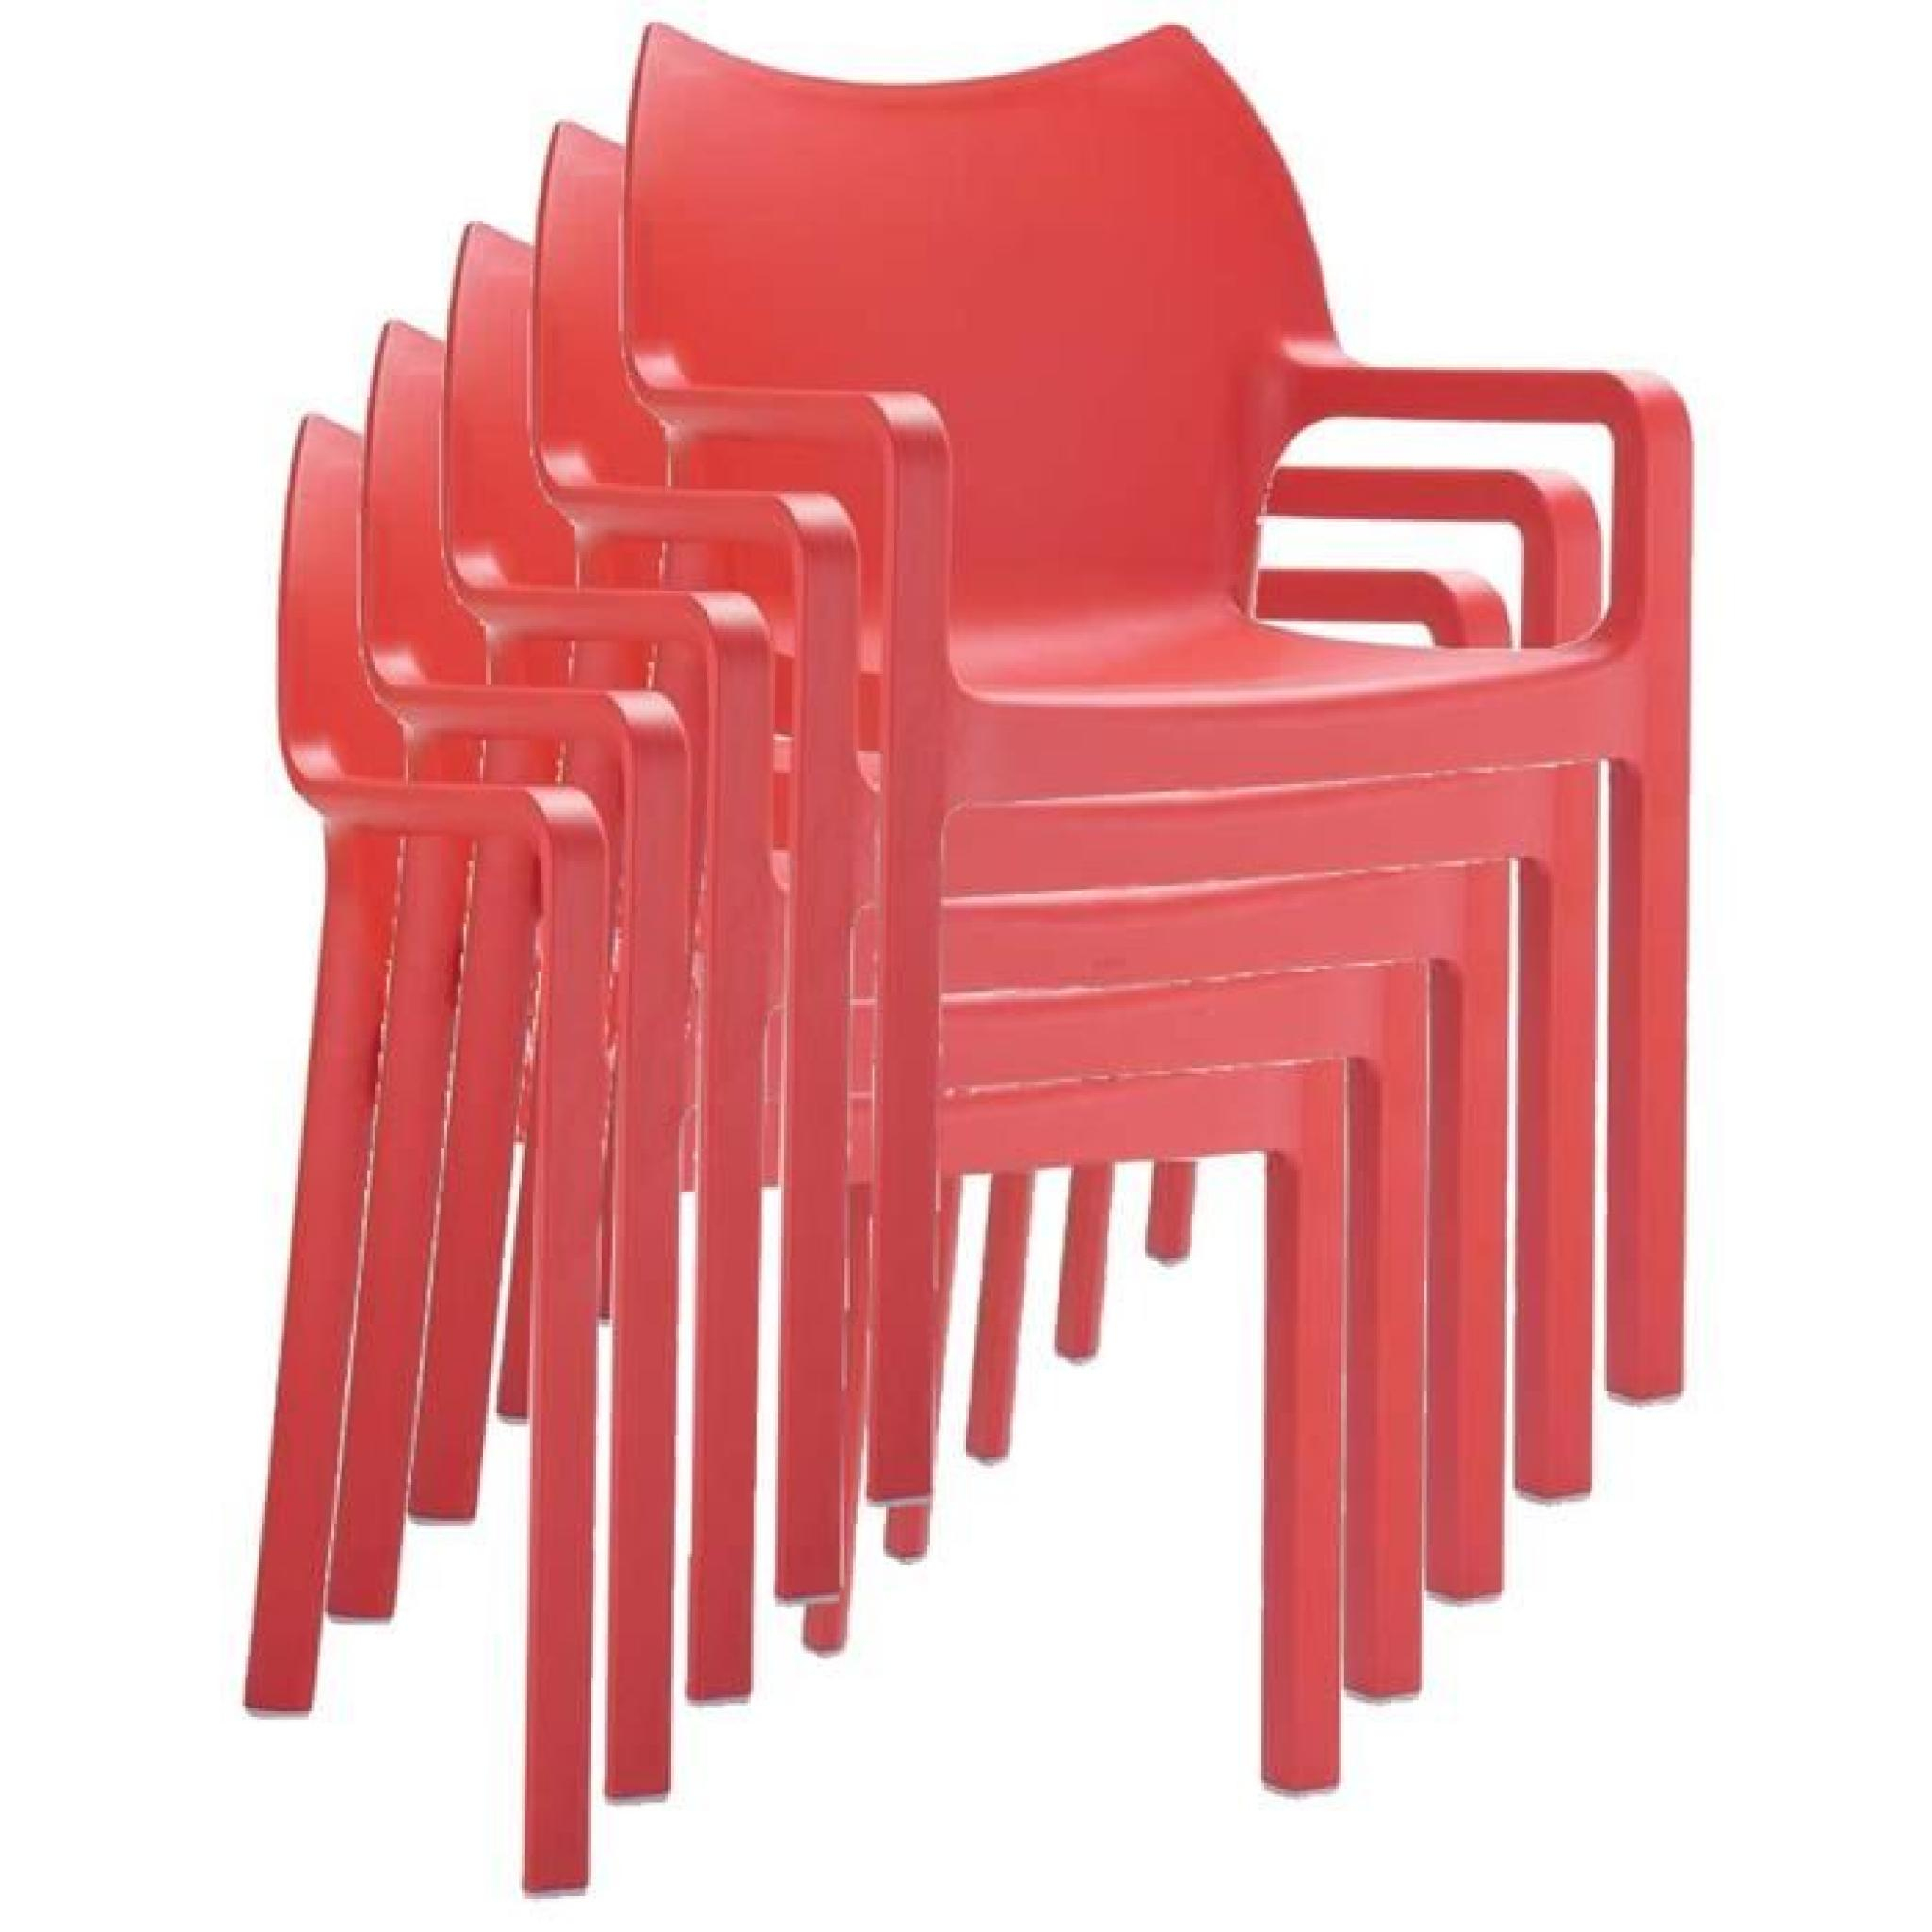 Chaise De Jardin Empilable En Plastique, Rouge dedans Chaise De Jardin Pas Cher En Plastique